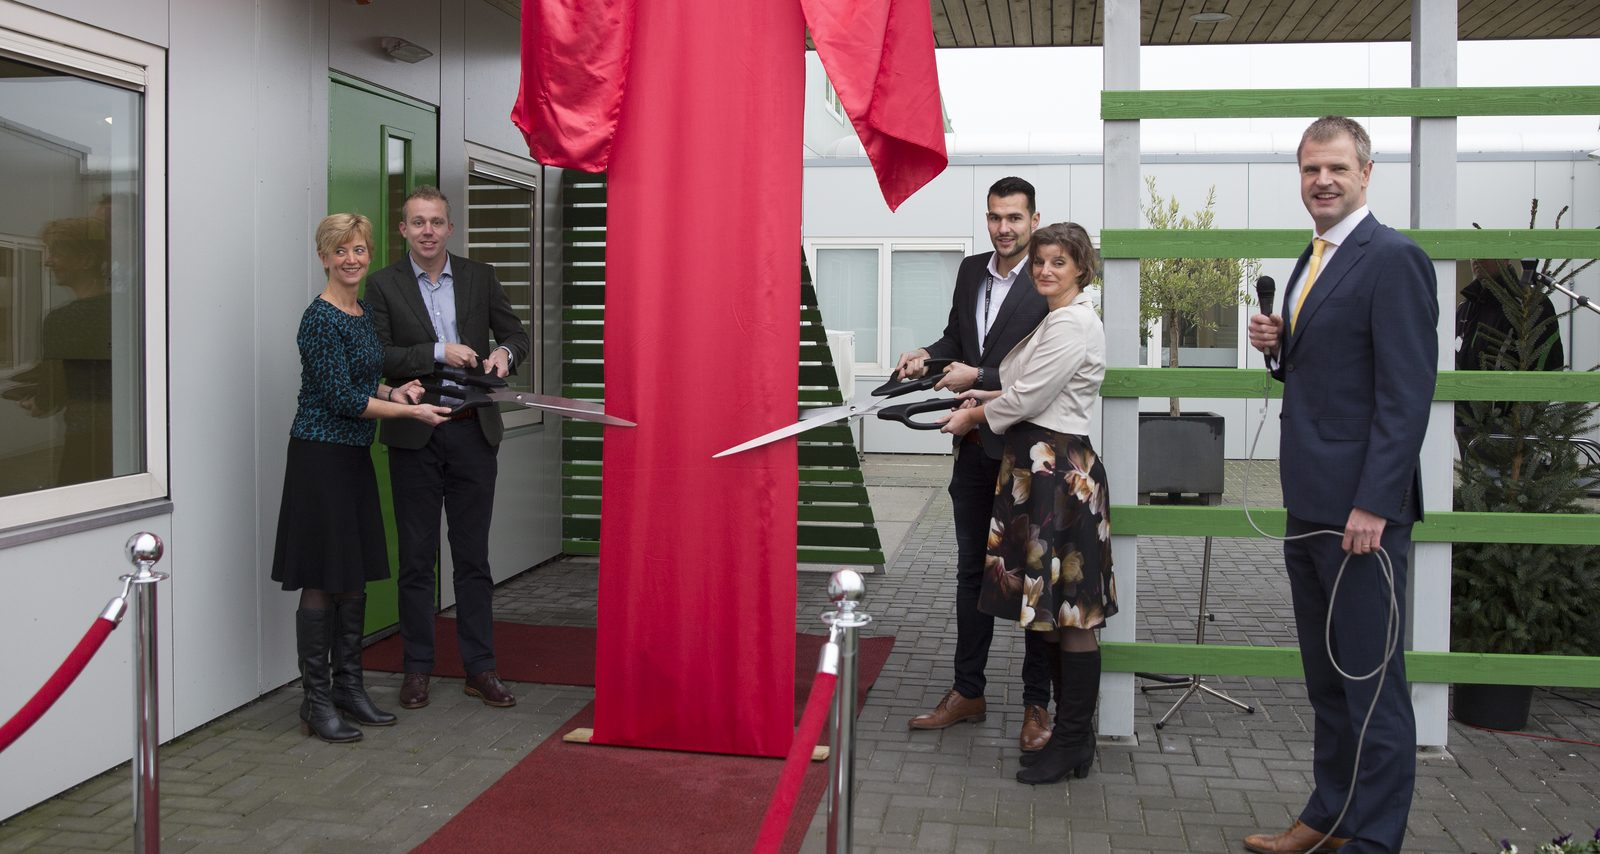 Nieuw Innovatie Centrum Incotec geopend in Enkhuizen